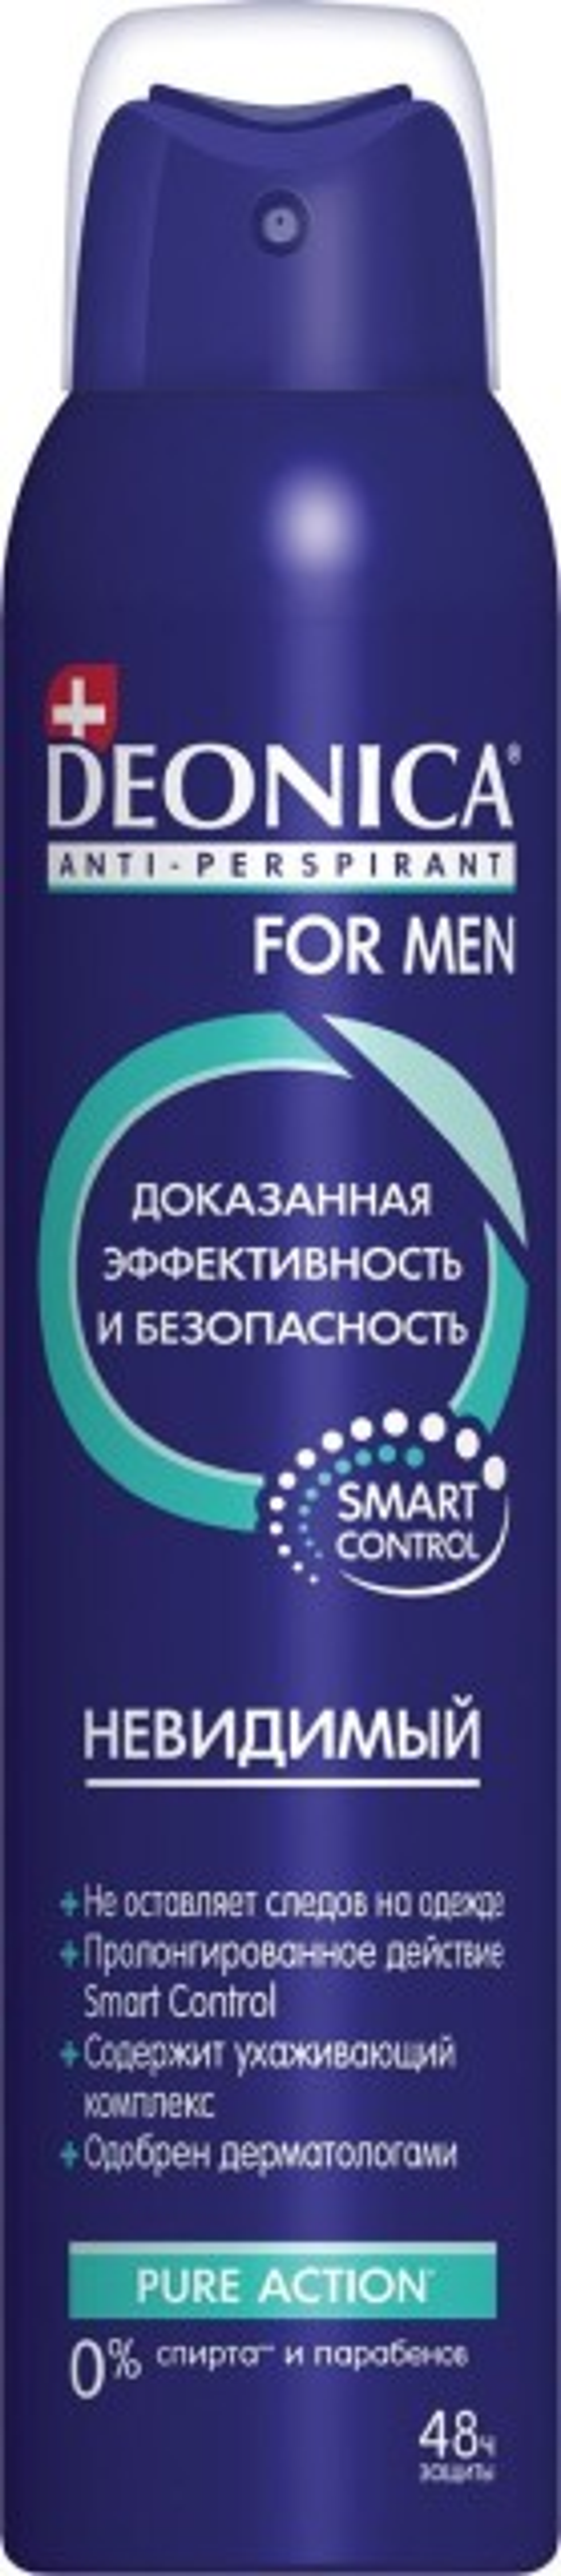 Деоника Мен дезодорант-спрей Невидимый 200мл купить в Москве по цене от 0 рублей